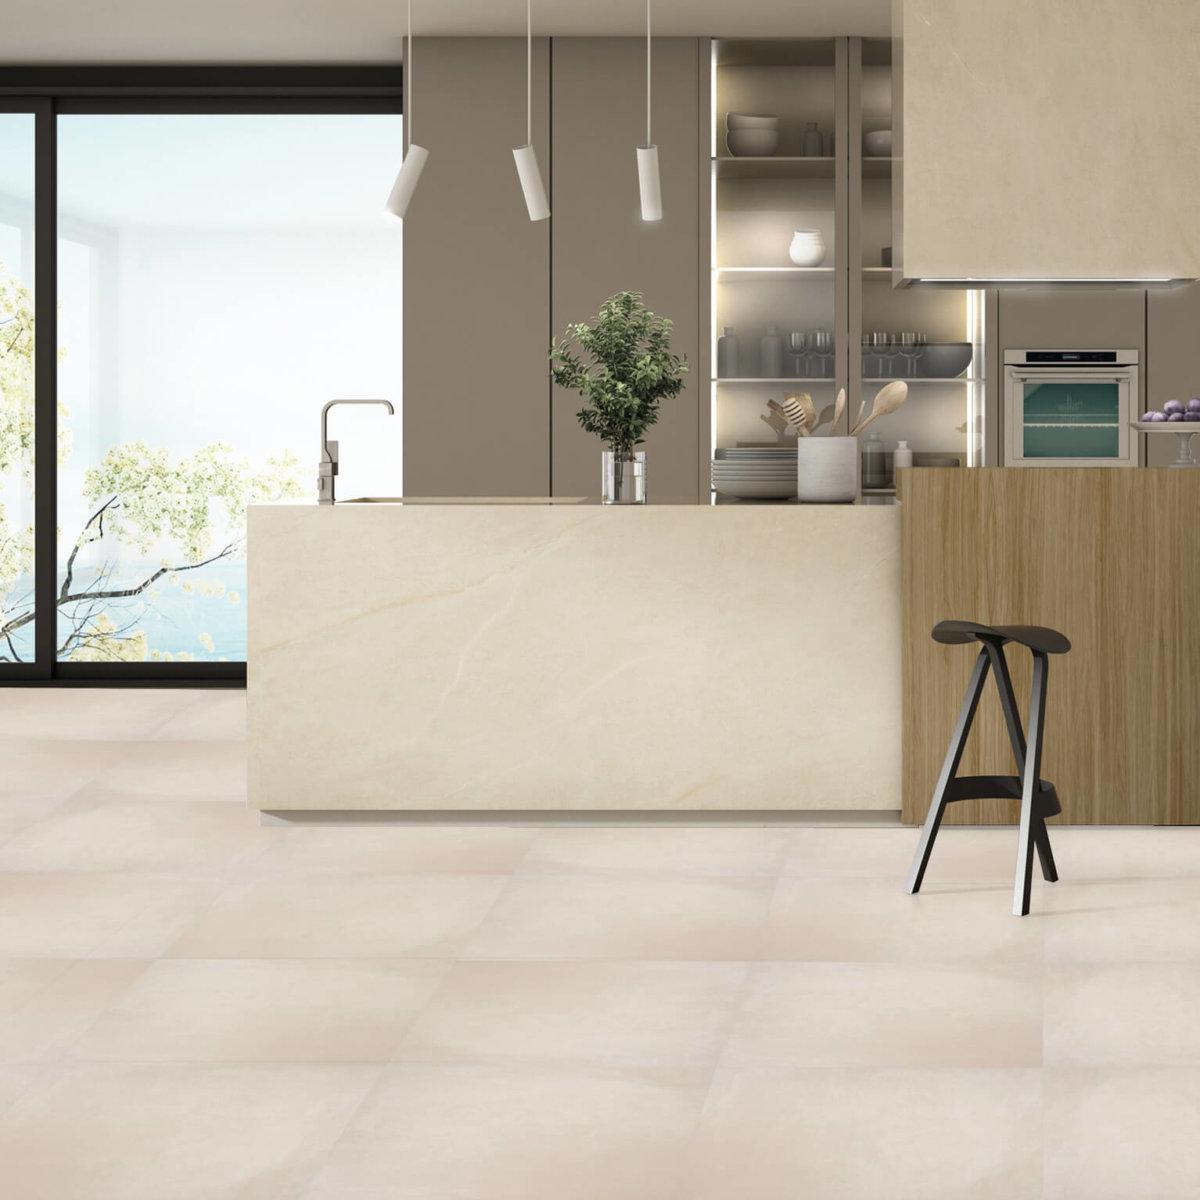 Naples-Crema-600x600-21002_Stiles_Tiles_Lifestyle-Image